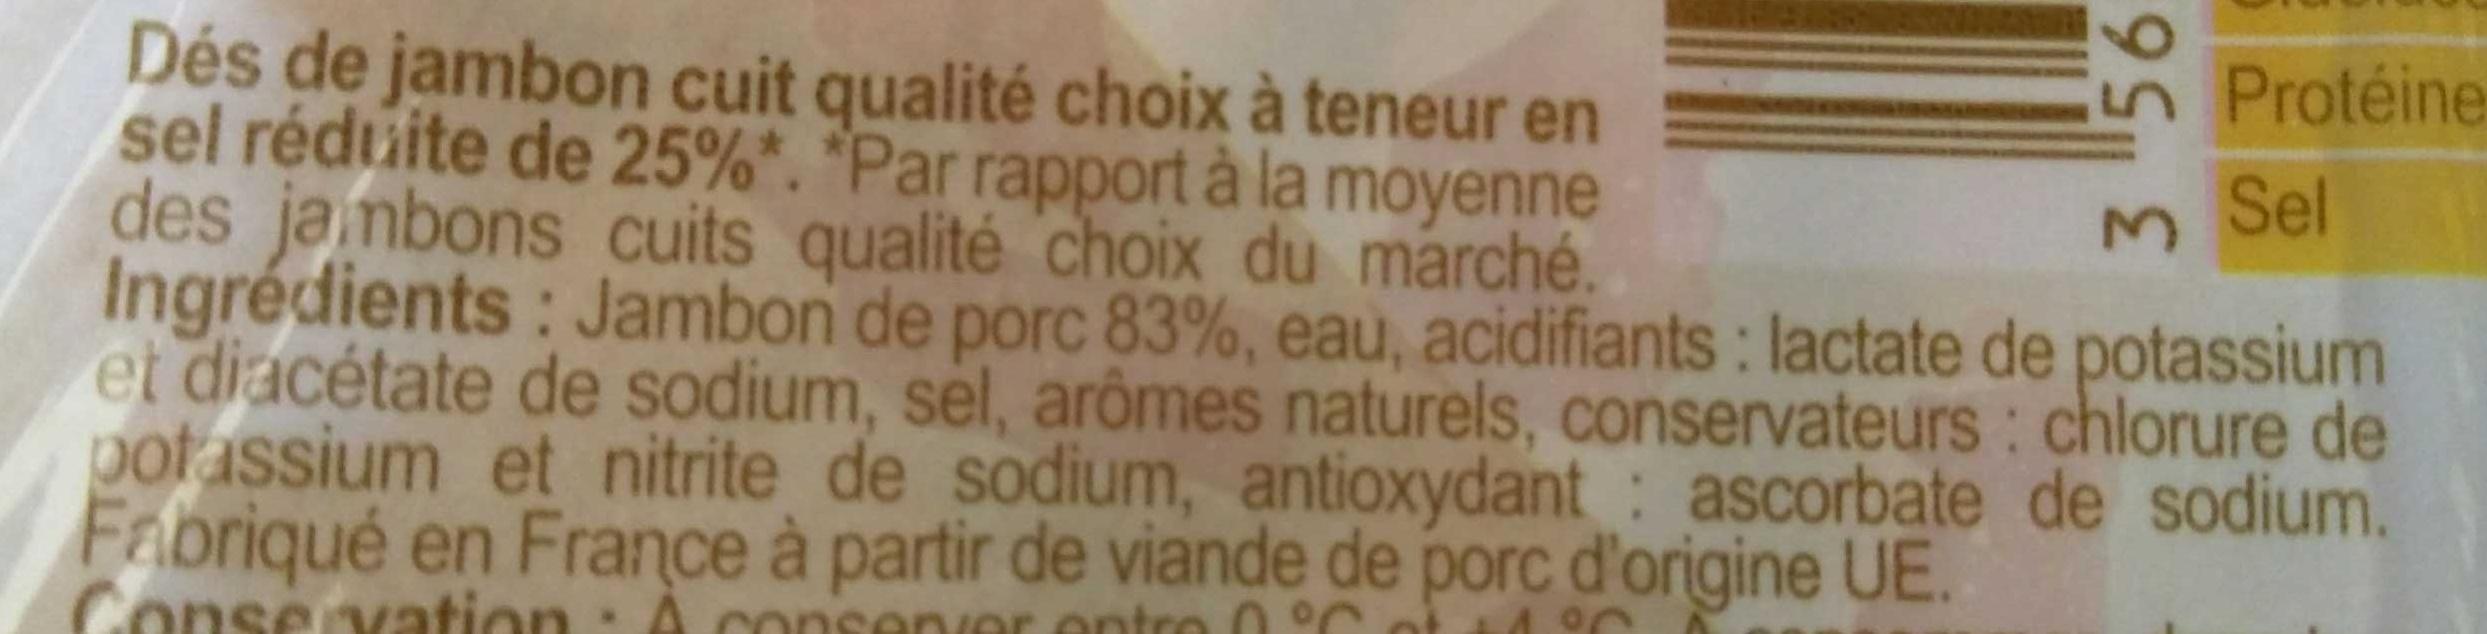 Dés de Jambon (- 25 % de Sel) - Ingredients - fr